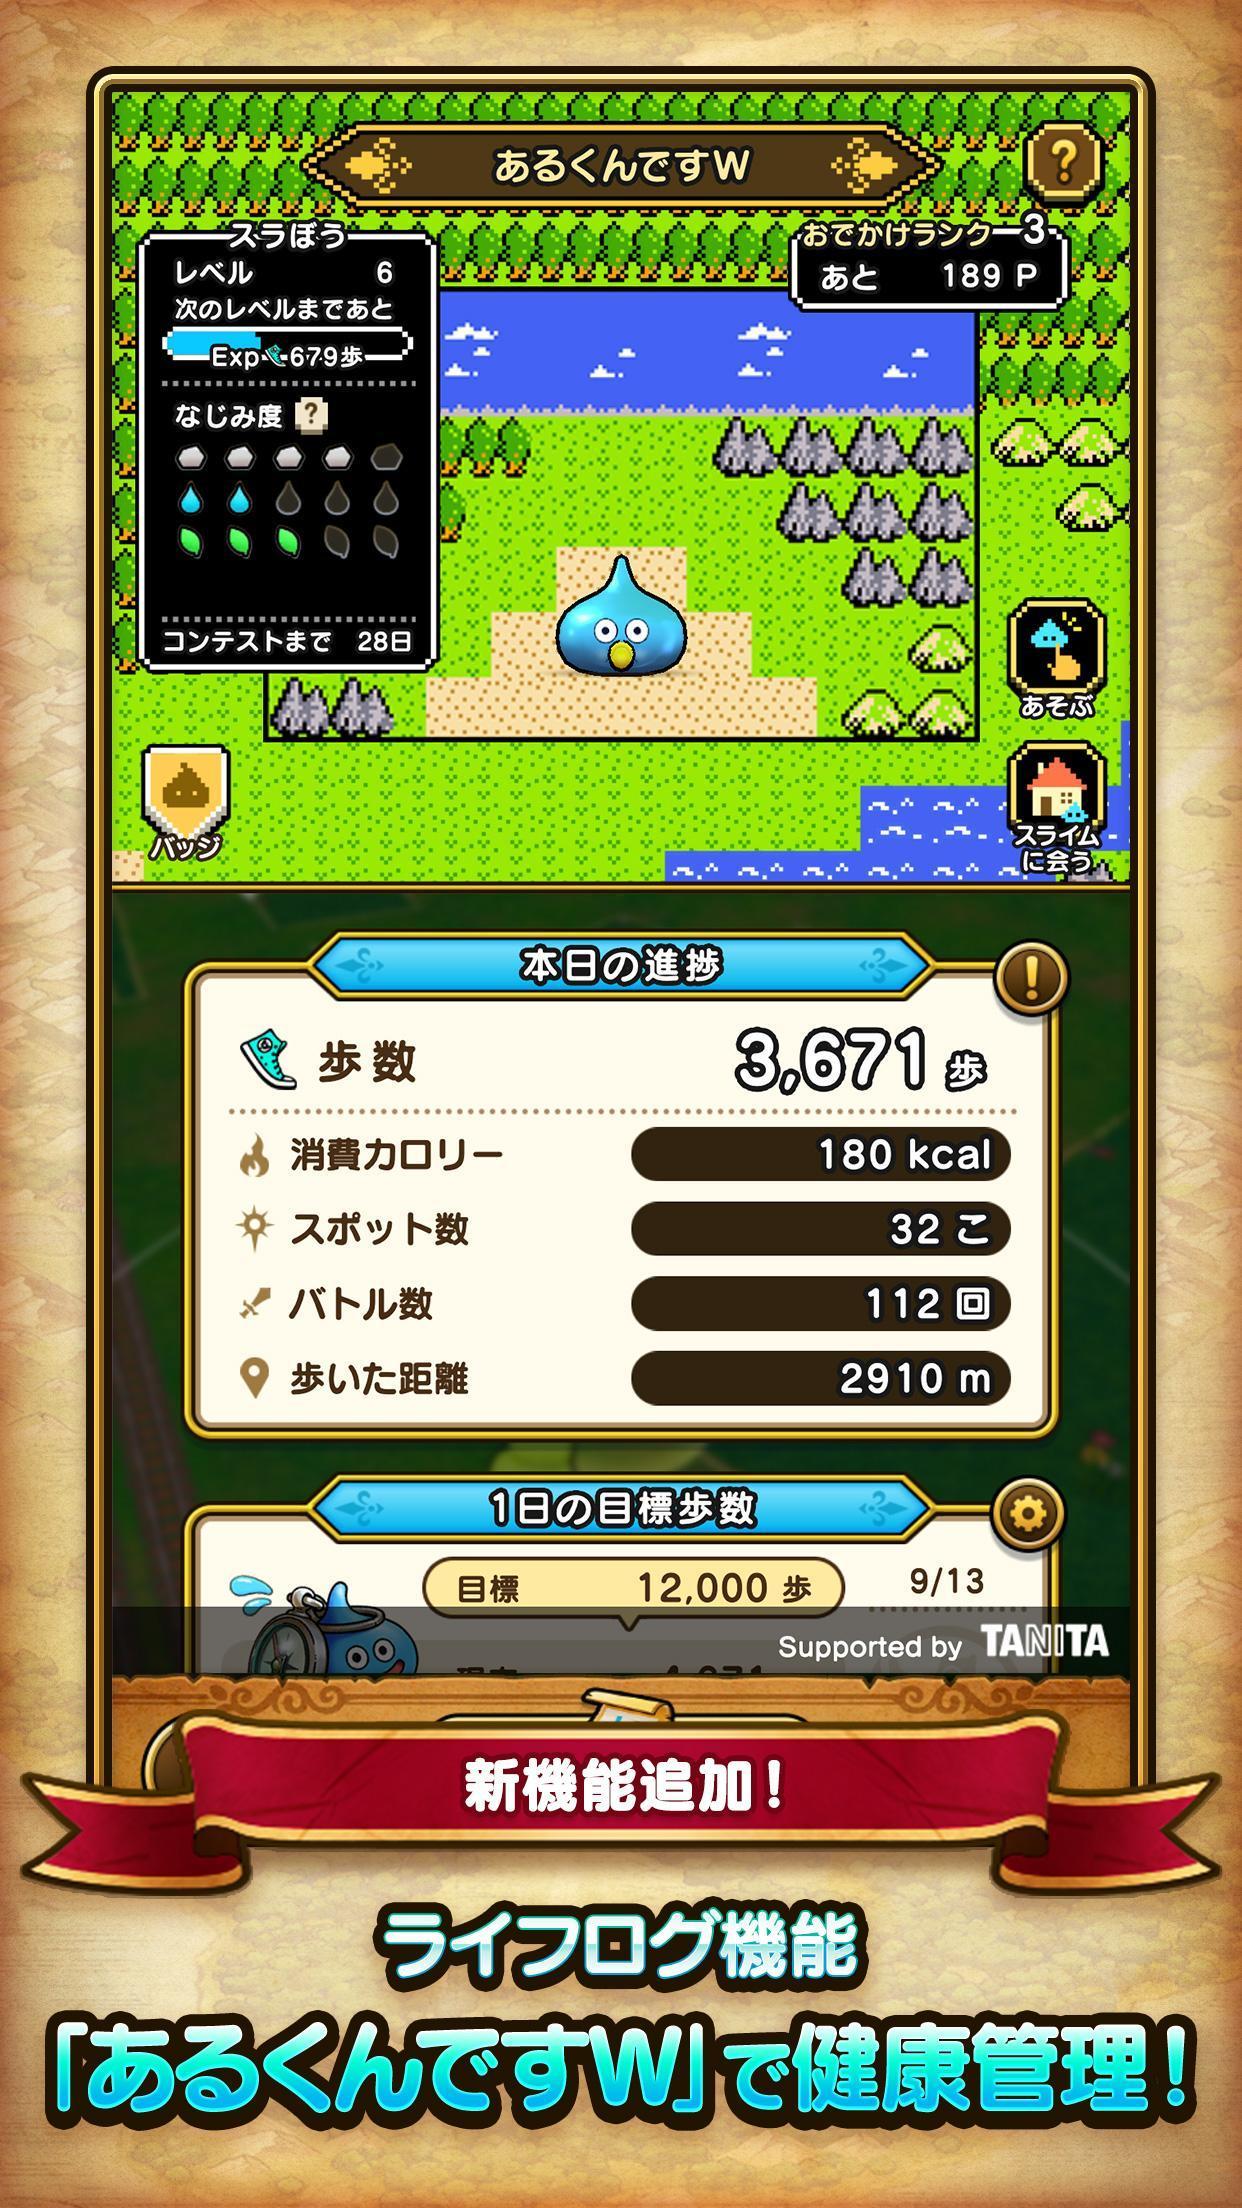 ドラゴンクエストウォーク 1.1.1 Screenshot 6